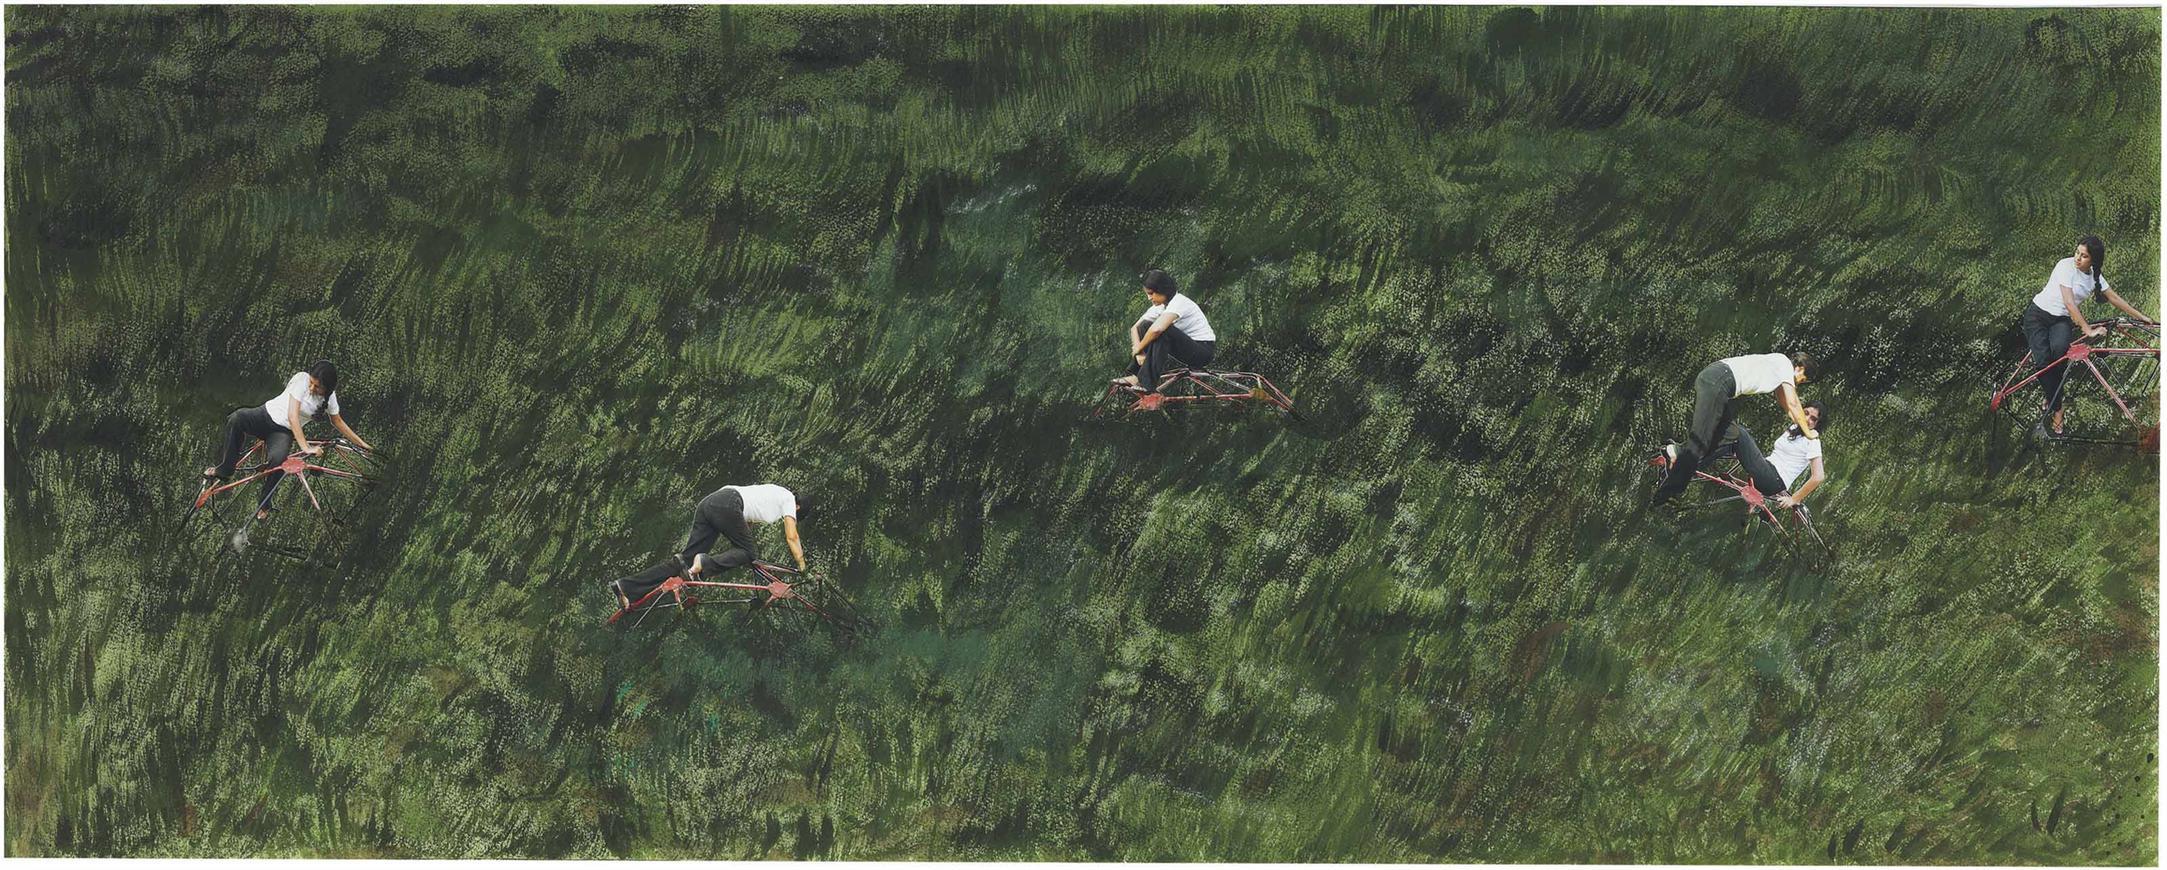 Hema Upadhyay-Of Vanishing Playgrounds-2001